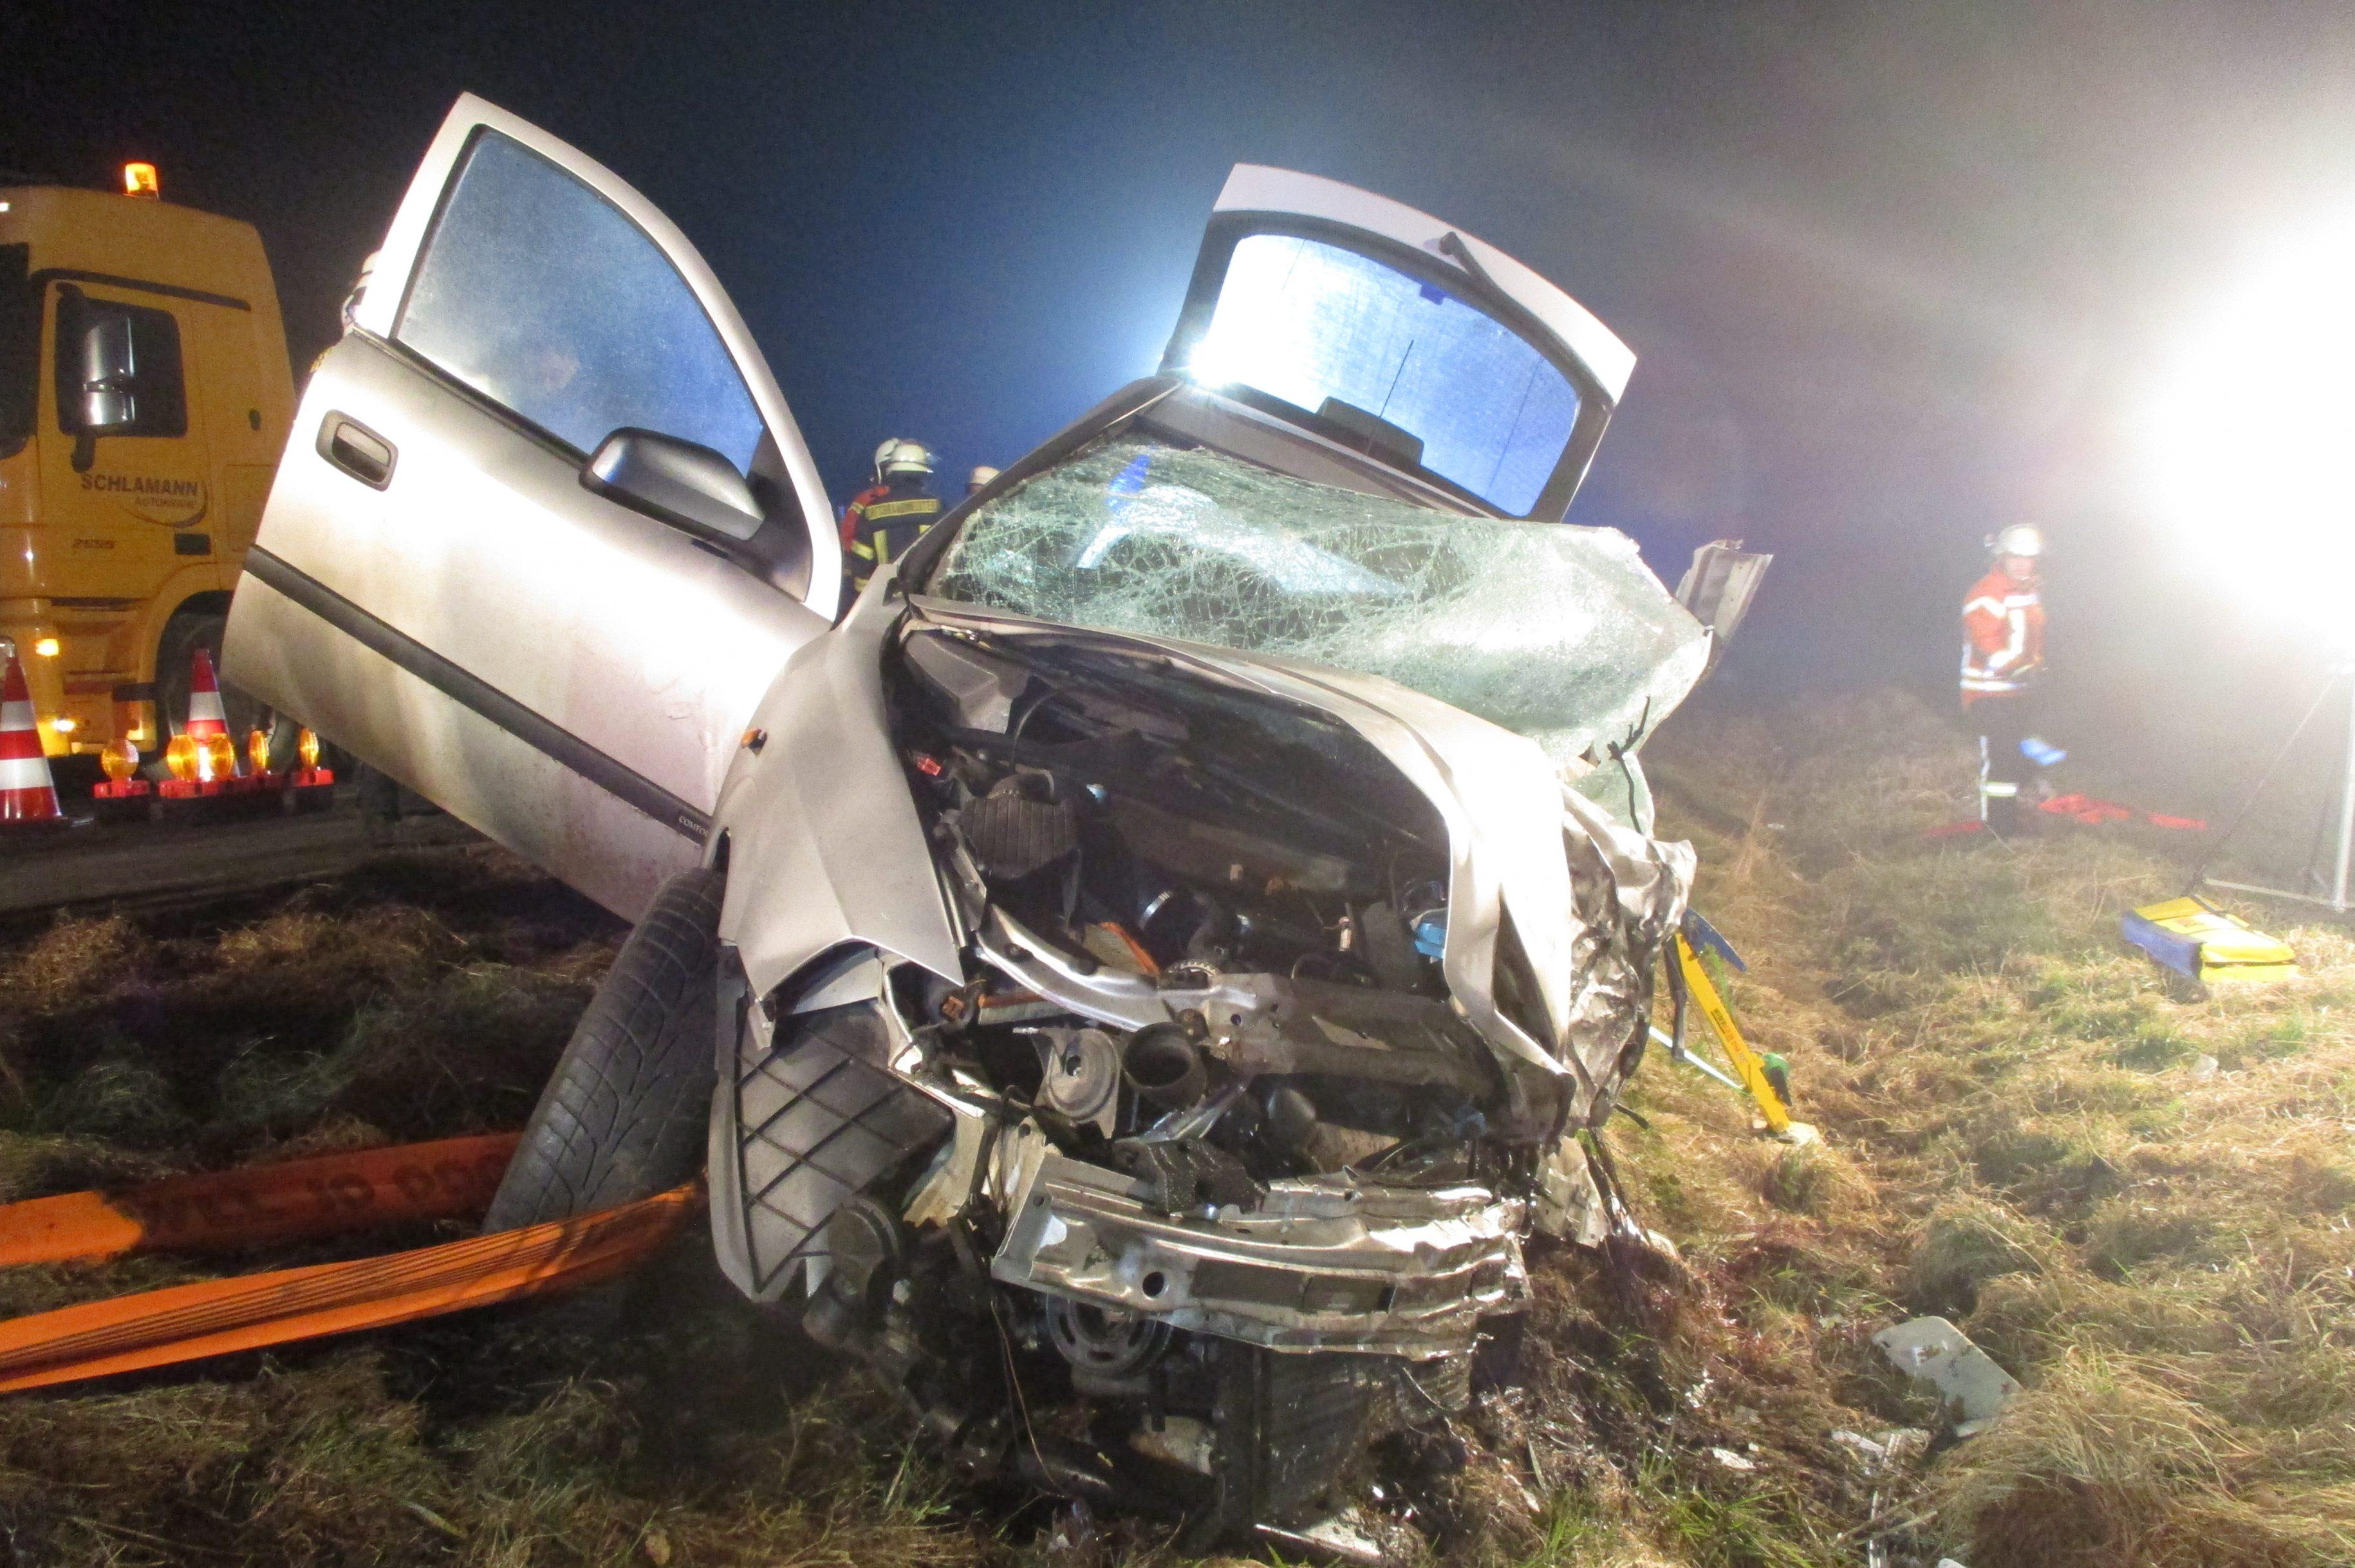 46-Jähriger bei Verkehrsunfall tödlich verletzt